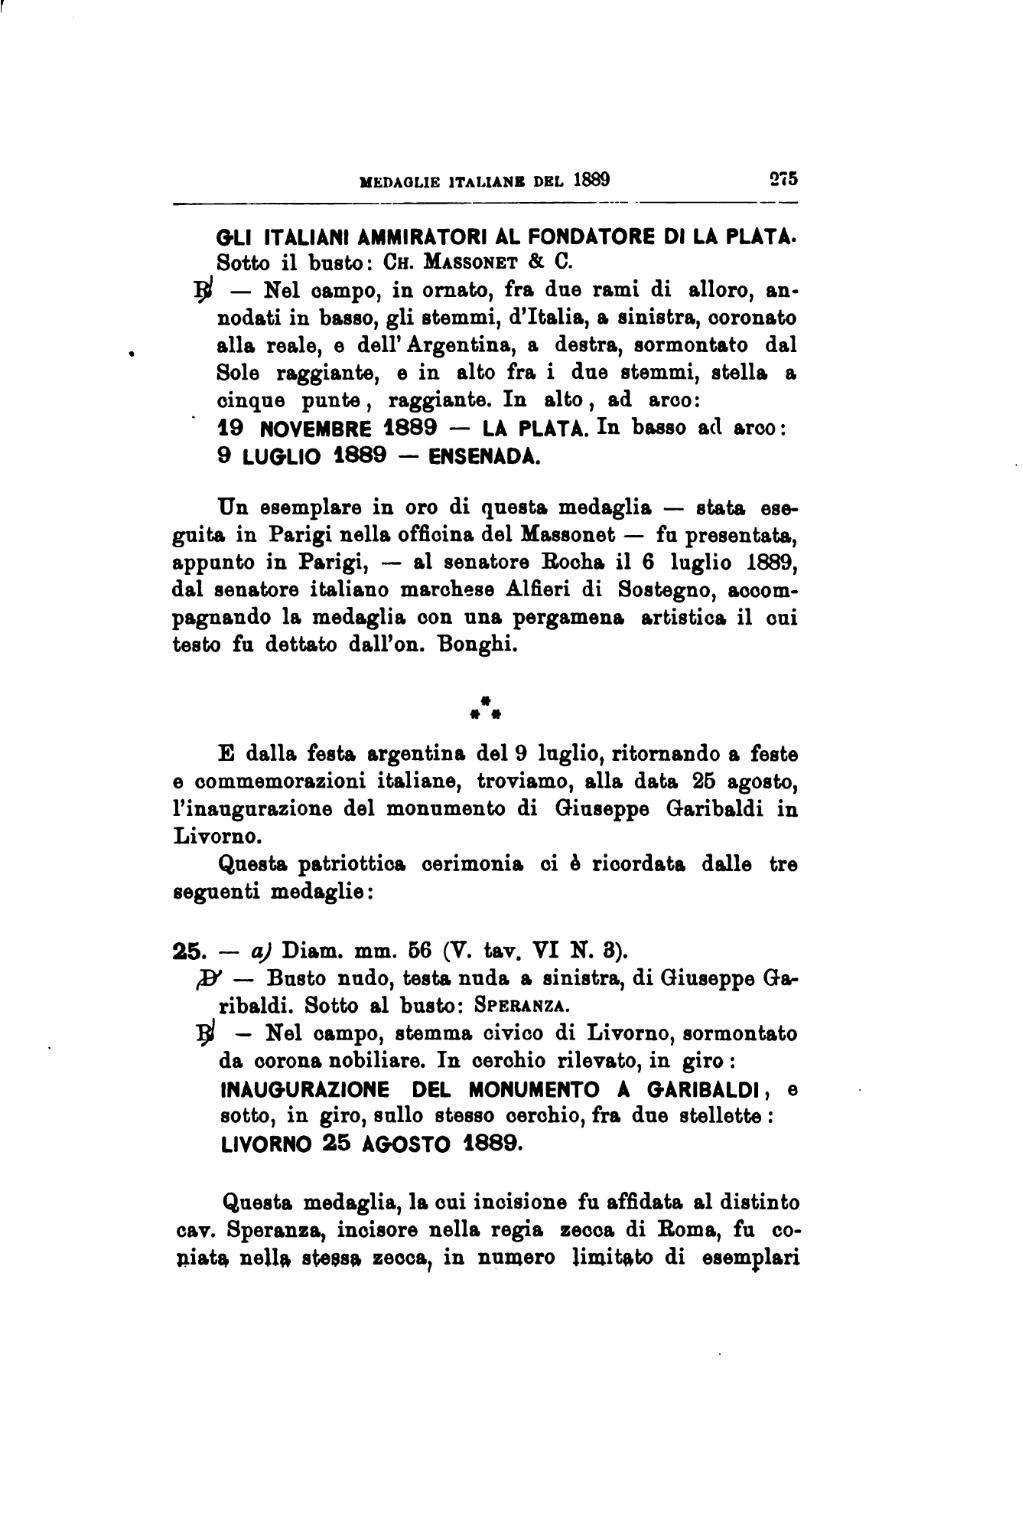 d1972e14db Speranza, incisore nella regia zecca di Roma, fu coniata nella stessa zecca  in numero limitato di esemplari